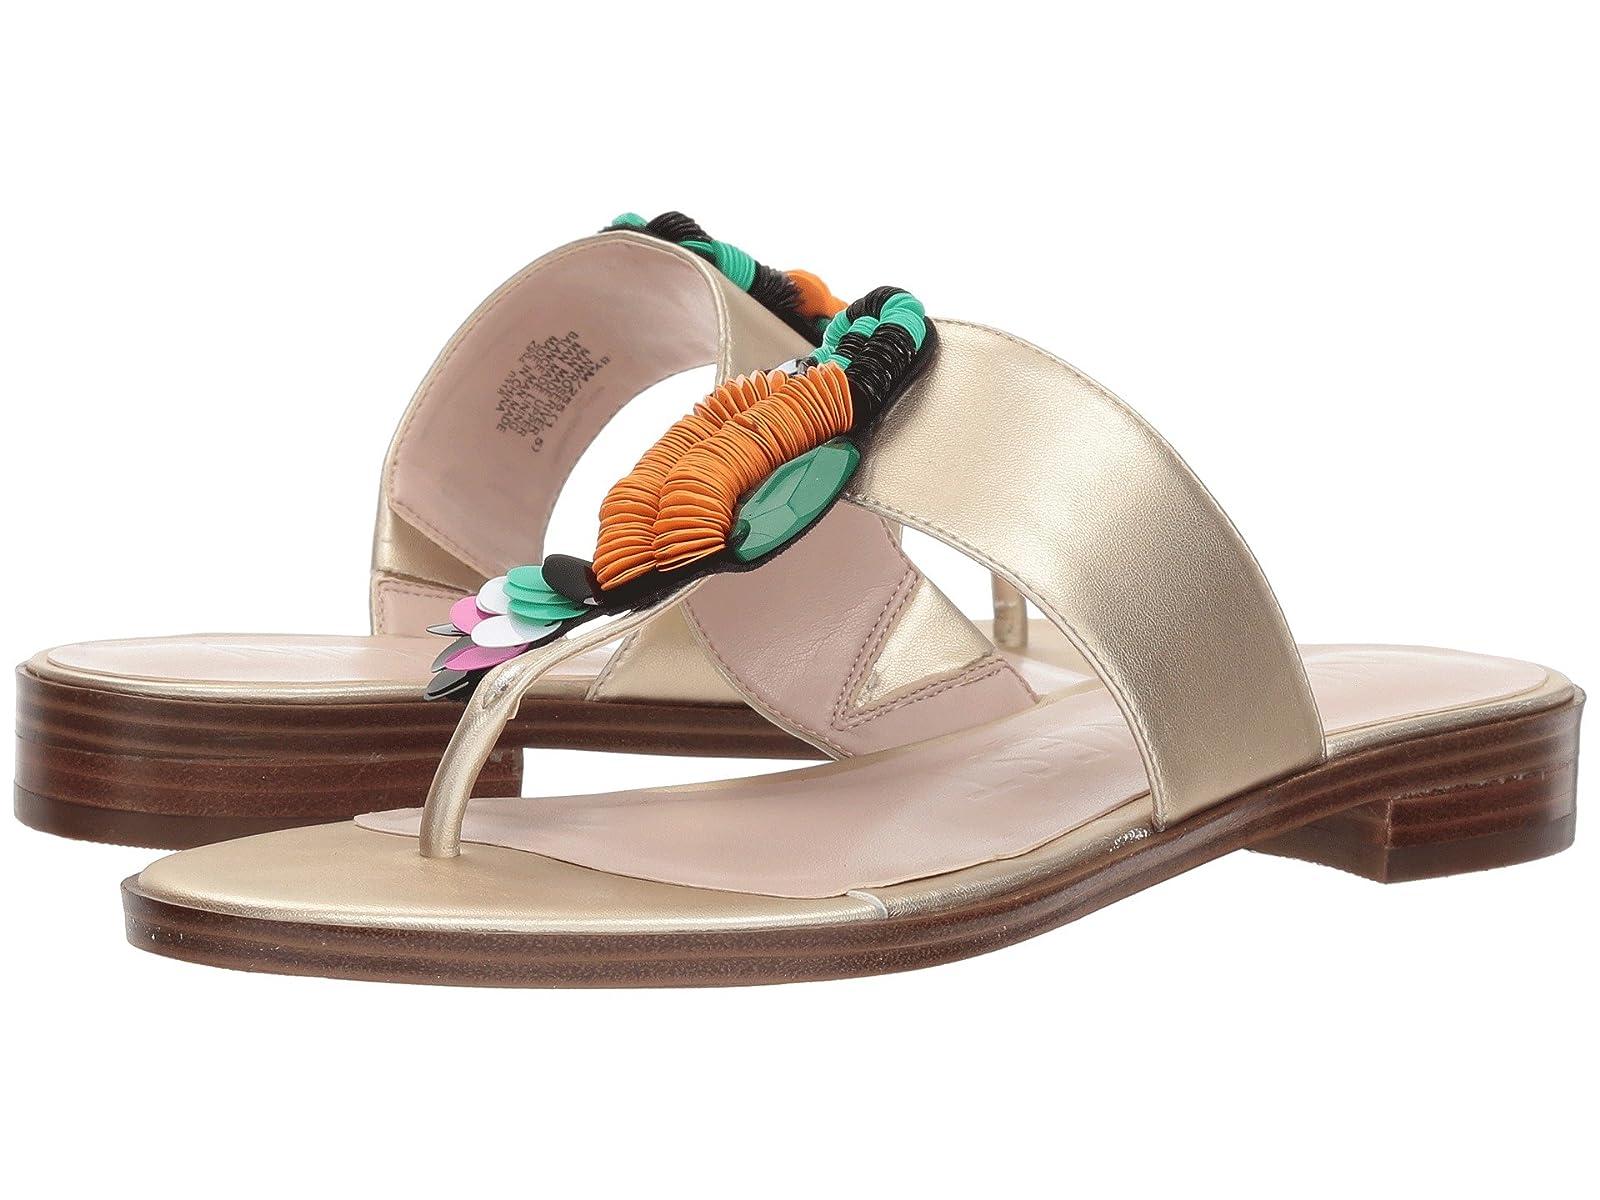 Nine West RoseriverAtmospheric grades have affordable shoes